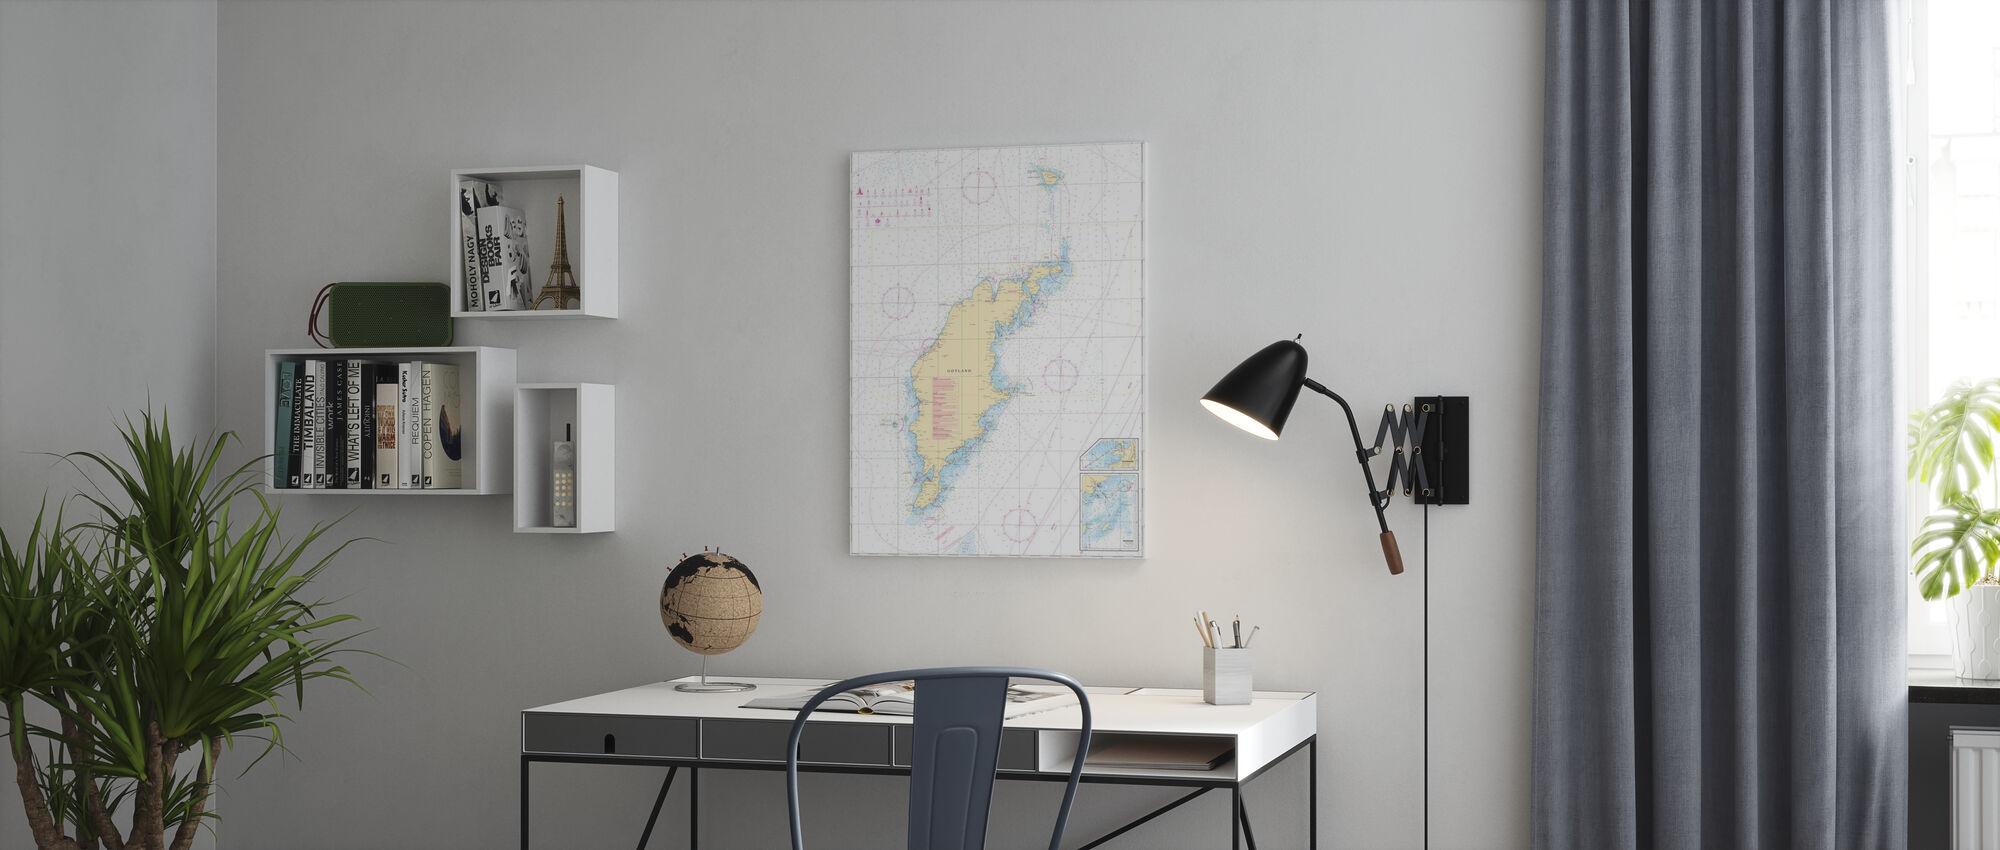 Havsdiagram 73 - Gotland - Canvastavla - Kontor